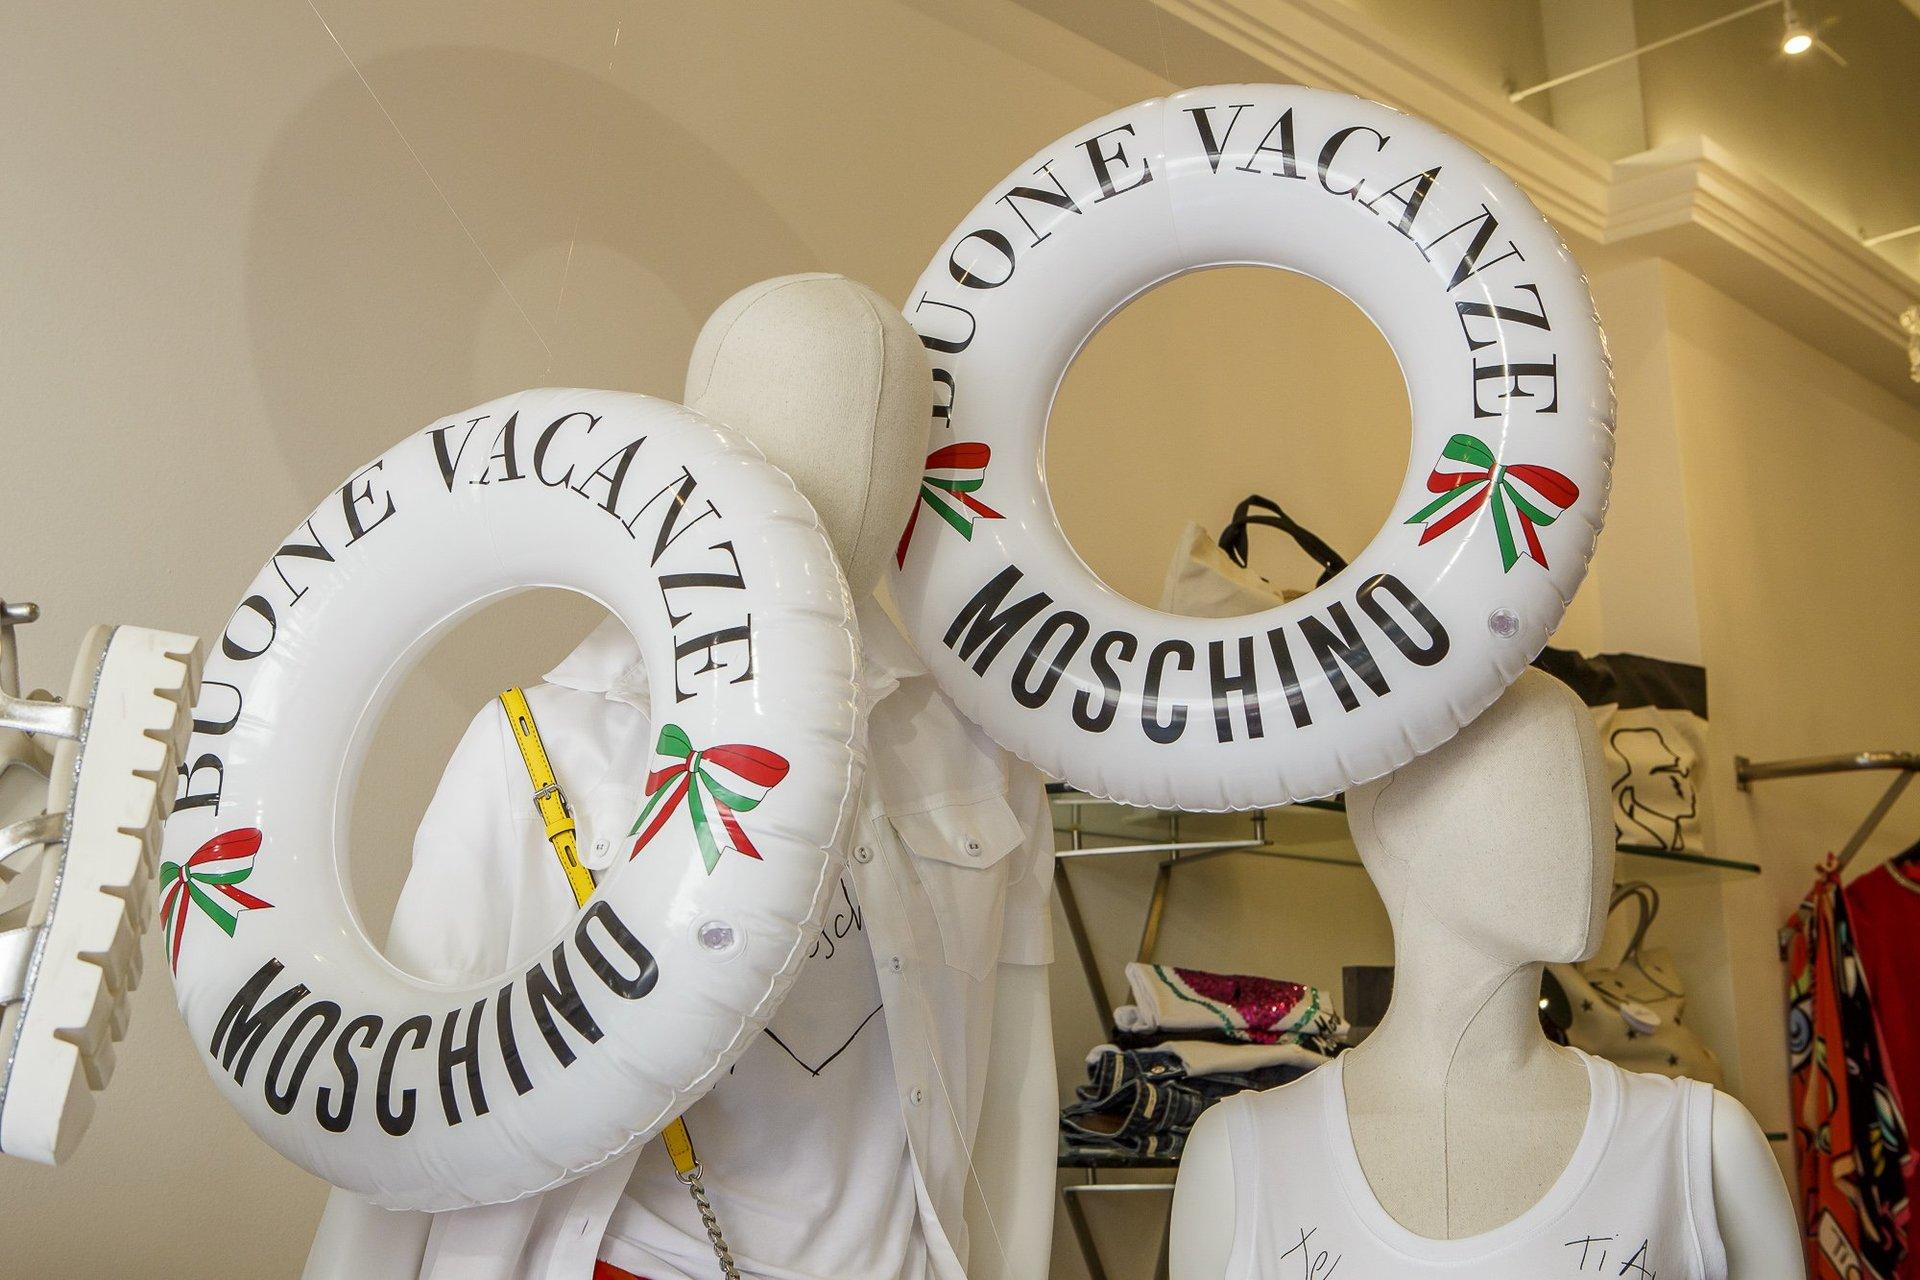 due manichini con abiti di color bianco e due salvagenti con scritto Buone Vacanze Moschino